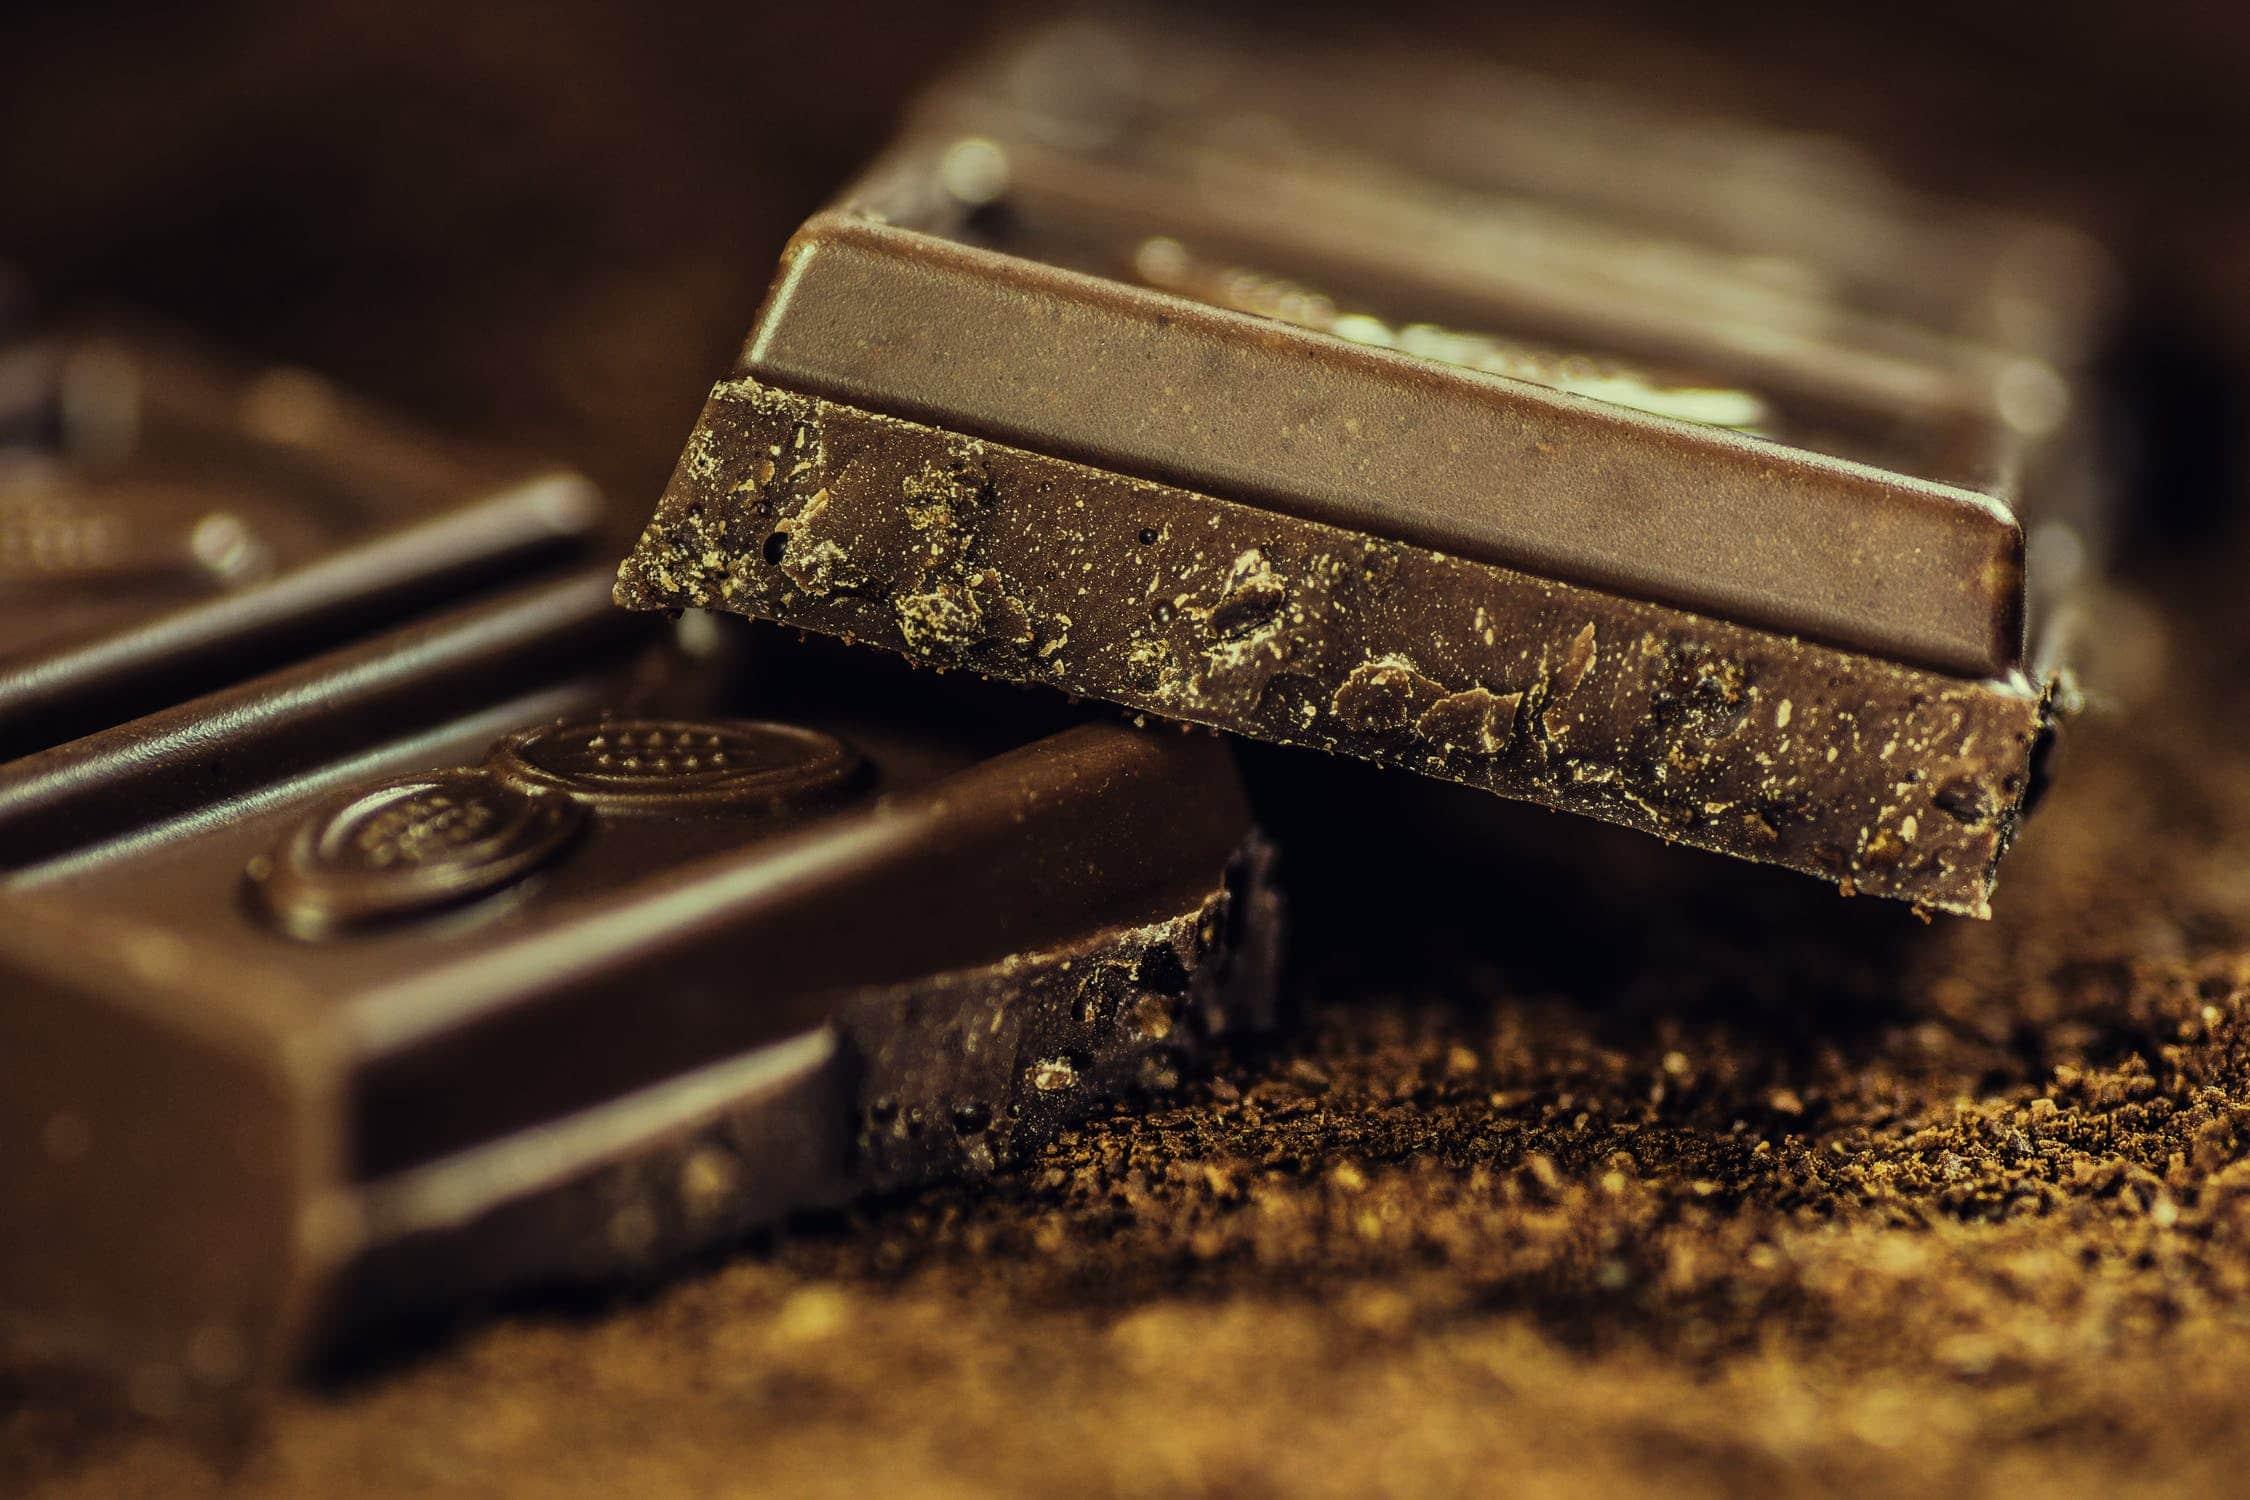 Koken_tafelen_chocolade